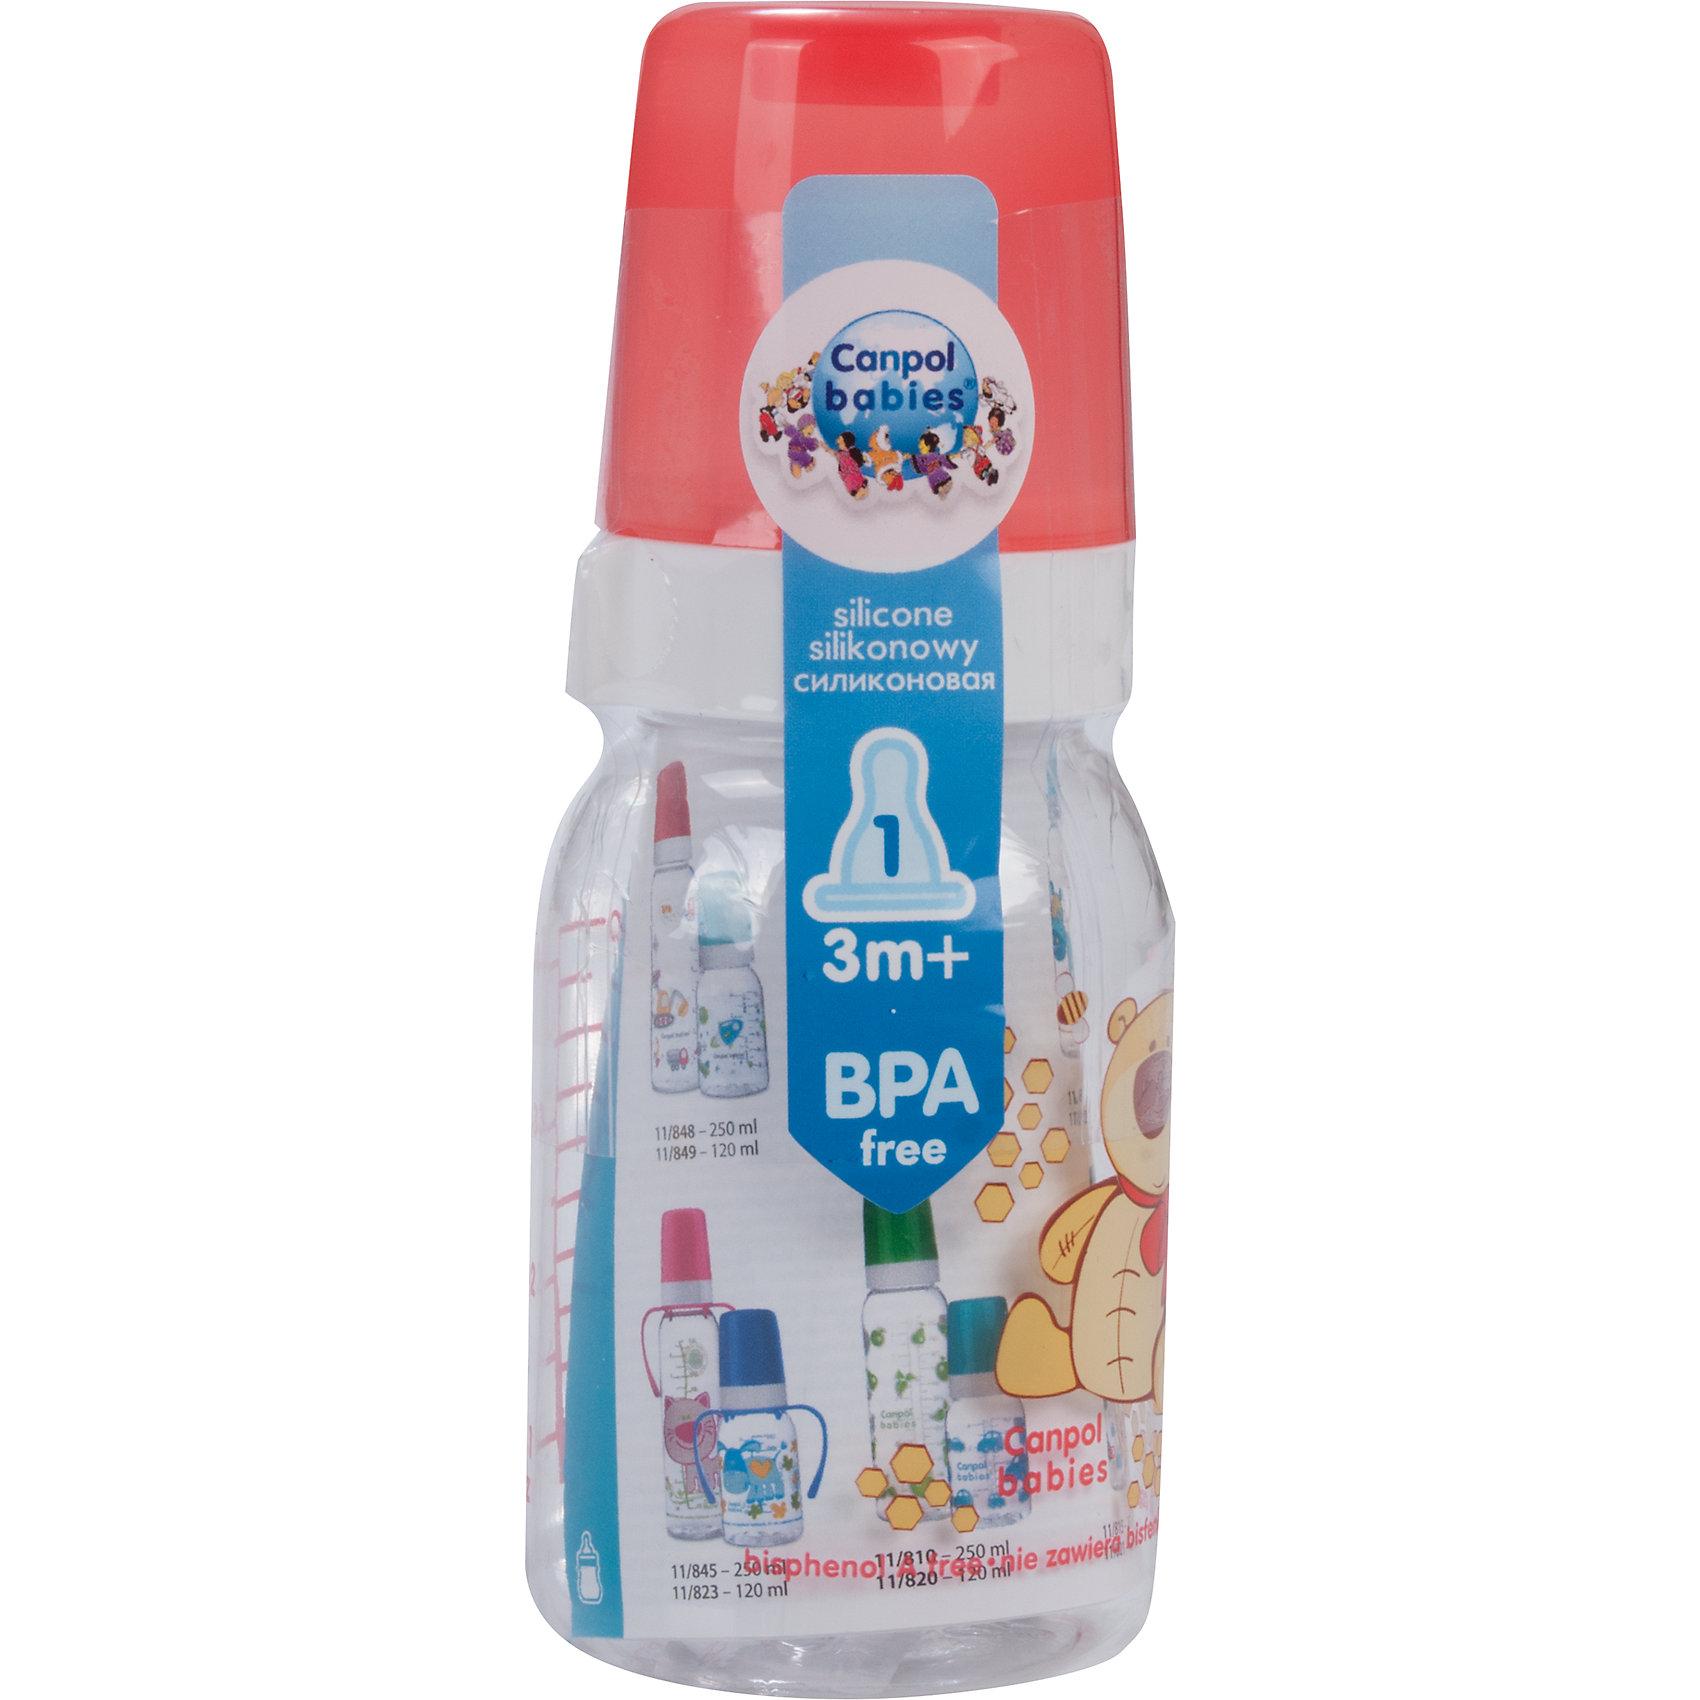 Бутылочка тритановая (BPA 0%) с сил. соской, 120 мл. 3+ Cheerful animals, Canpol Babies, мишка